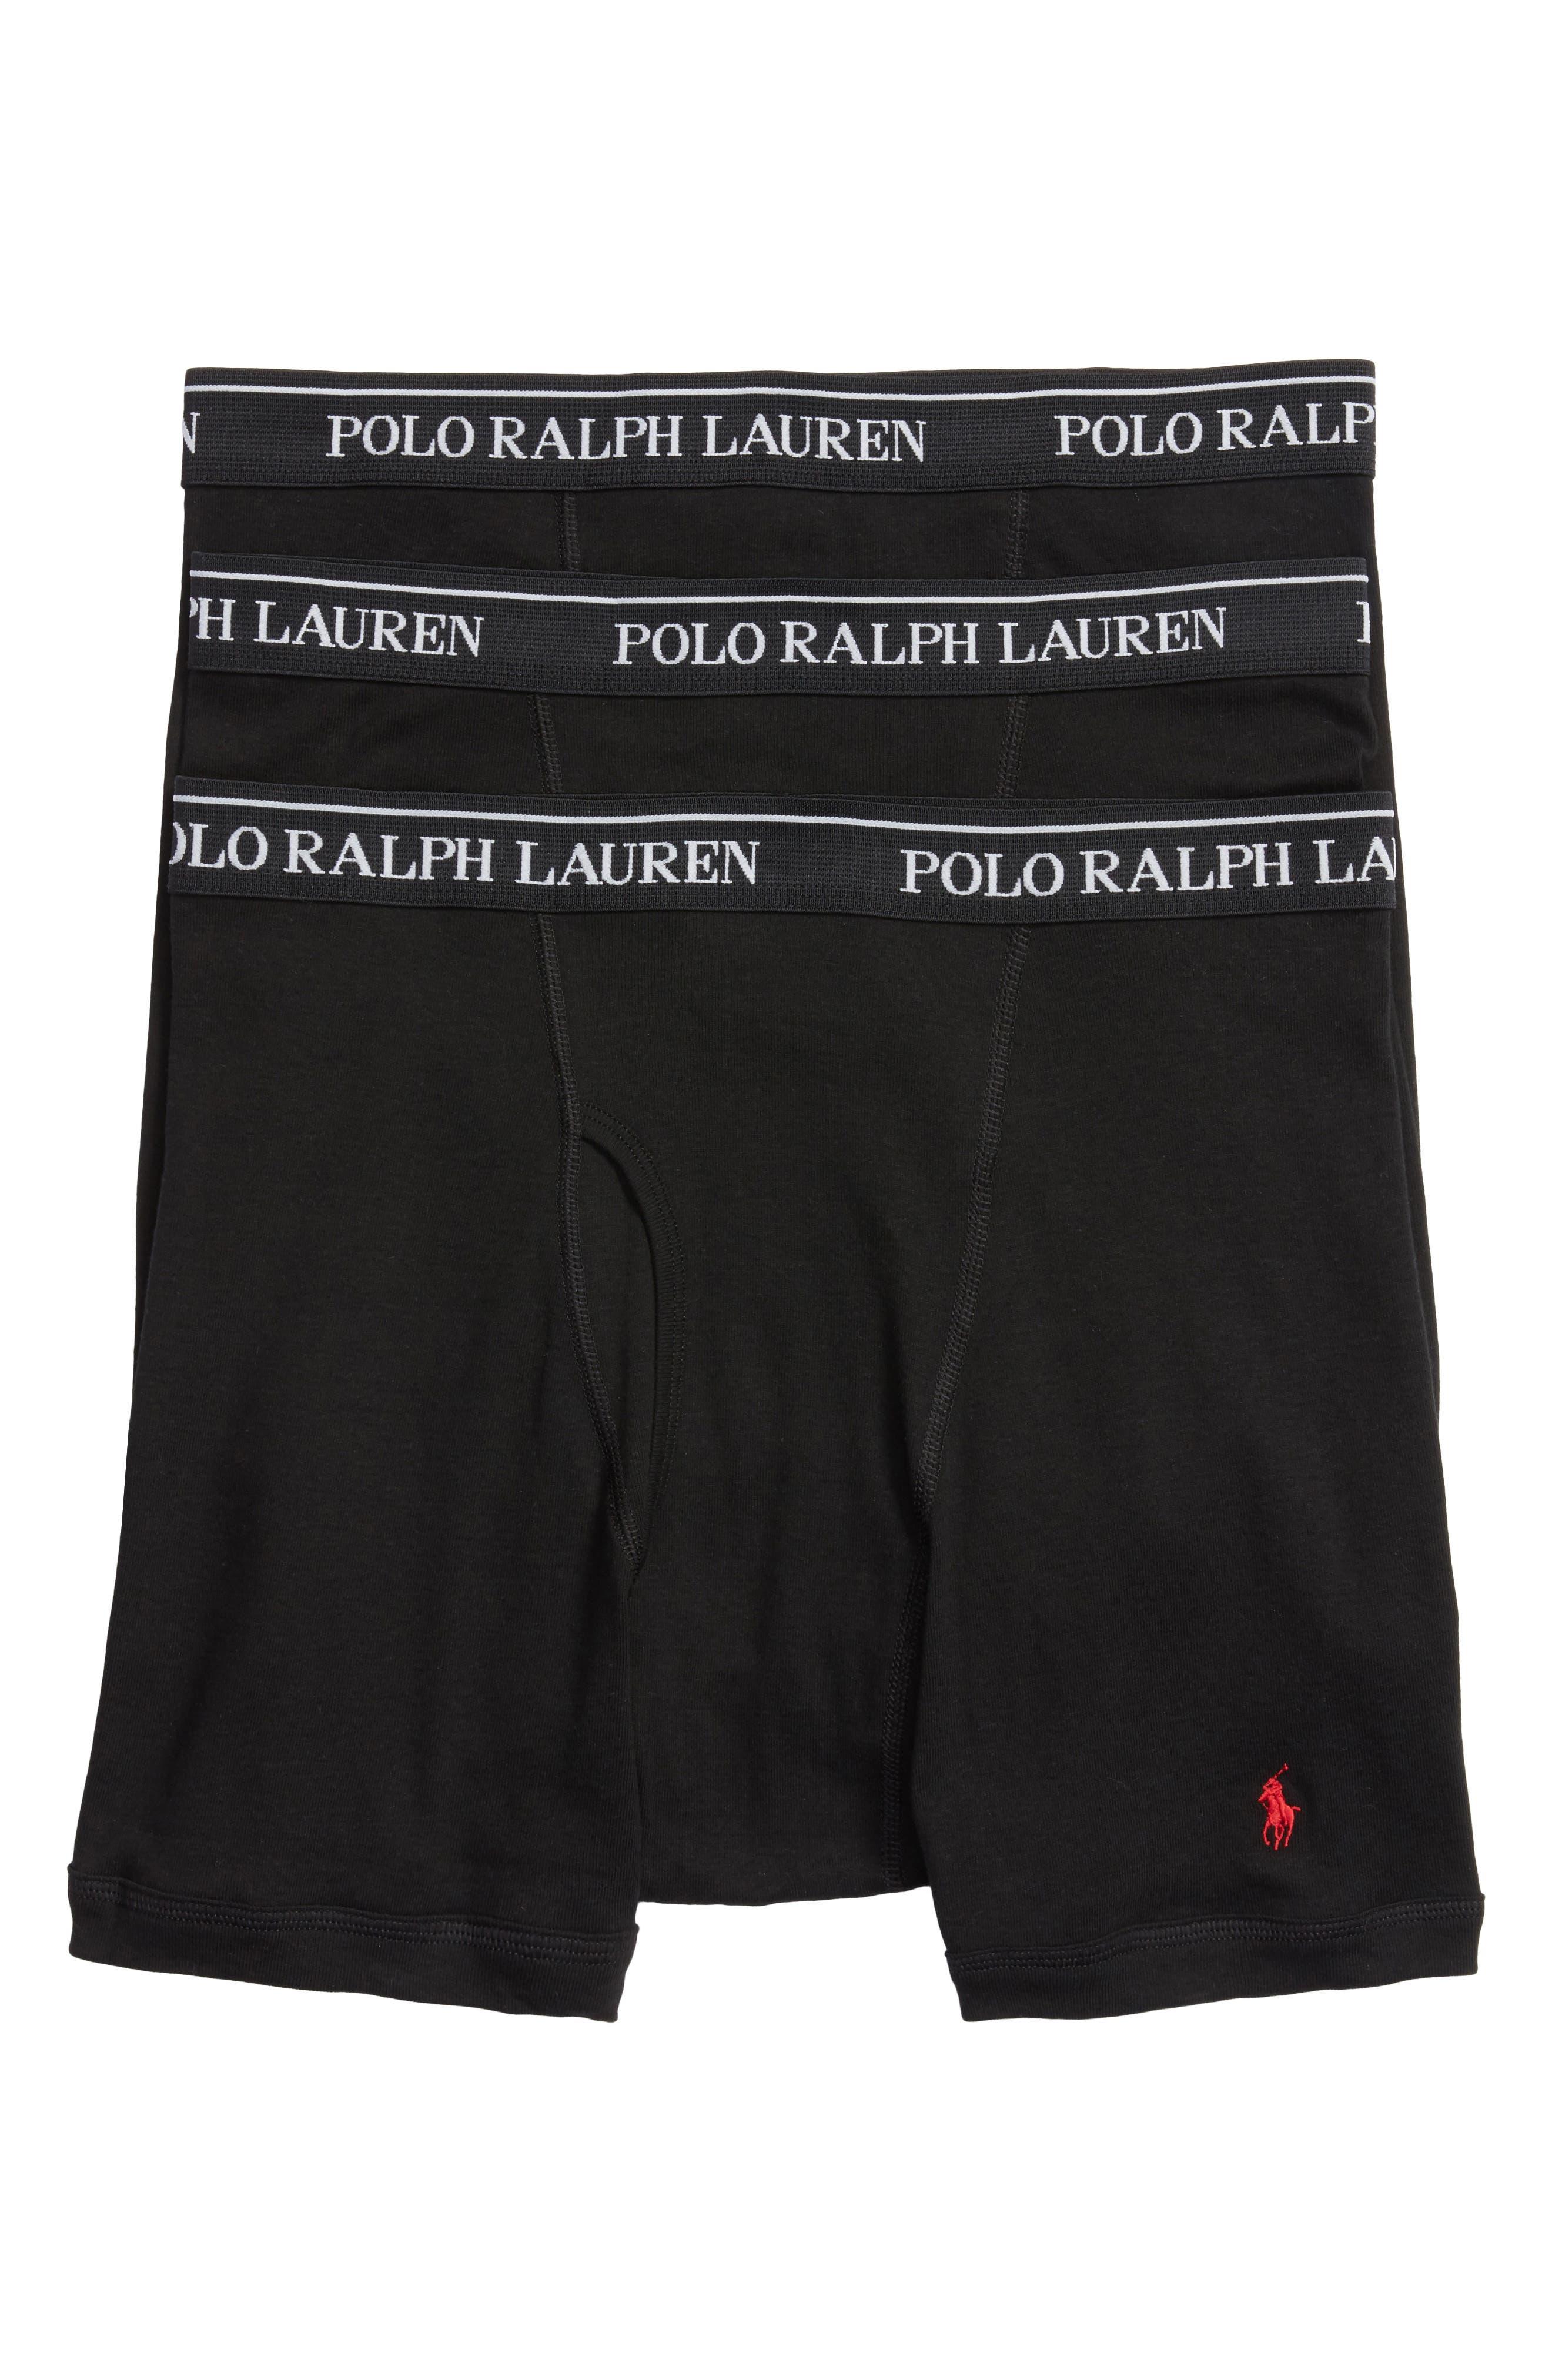 LAUREN RALPH LAUREN, Polo Ralph Lauren 3-Pack Cotton Boxer Briefs, Main thumbnail 1, color, POLO BLACK